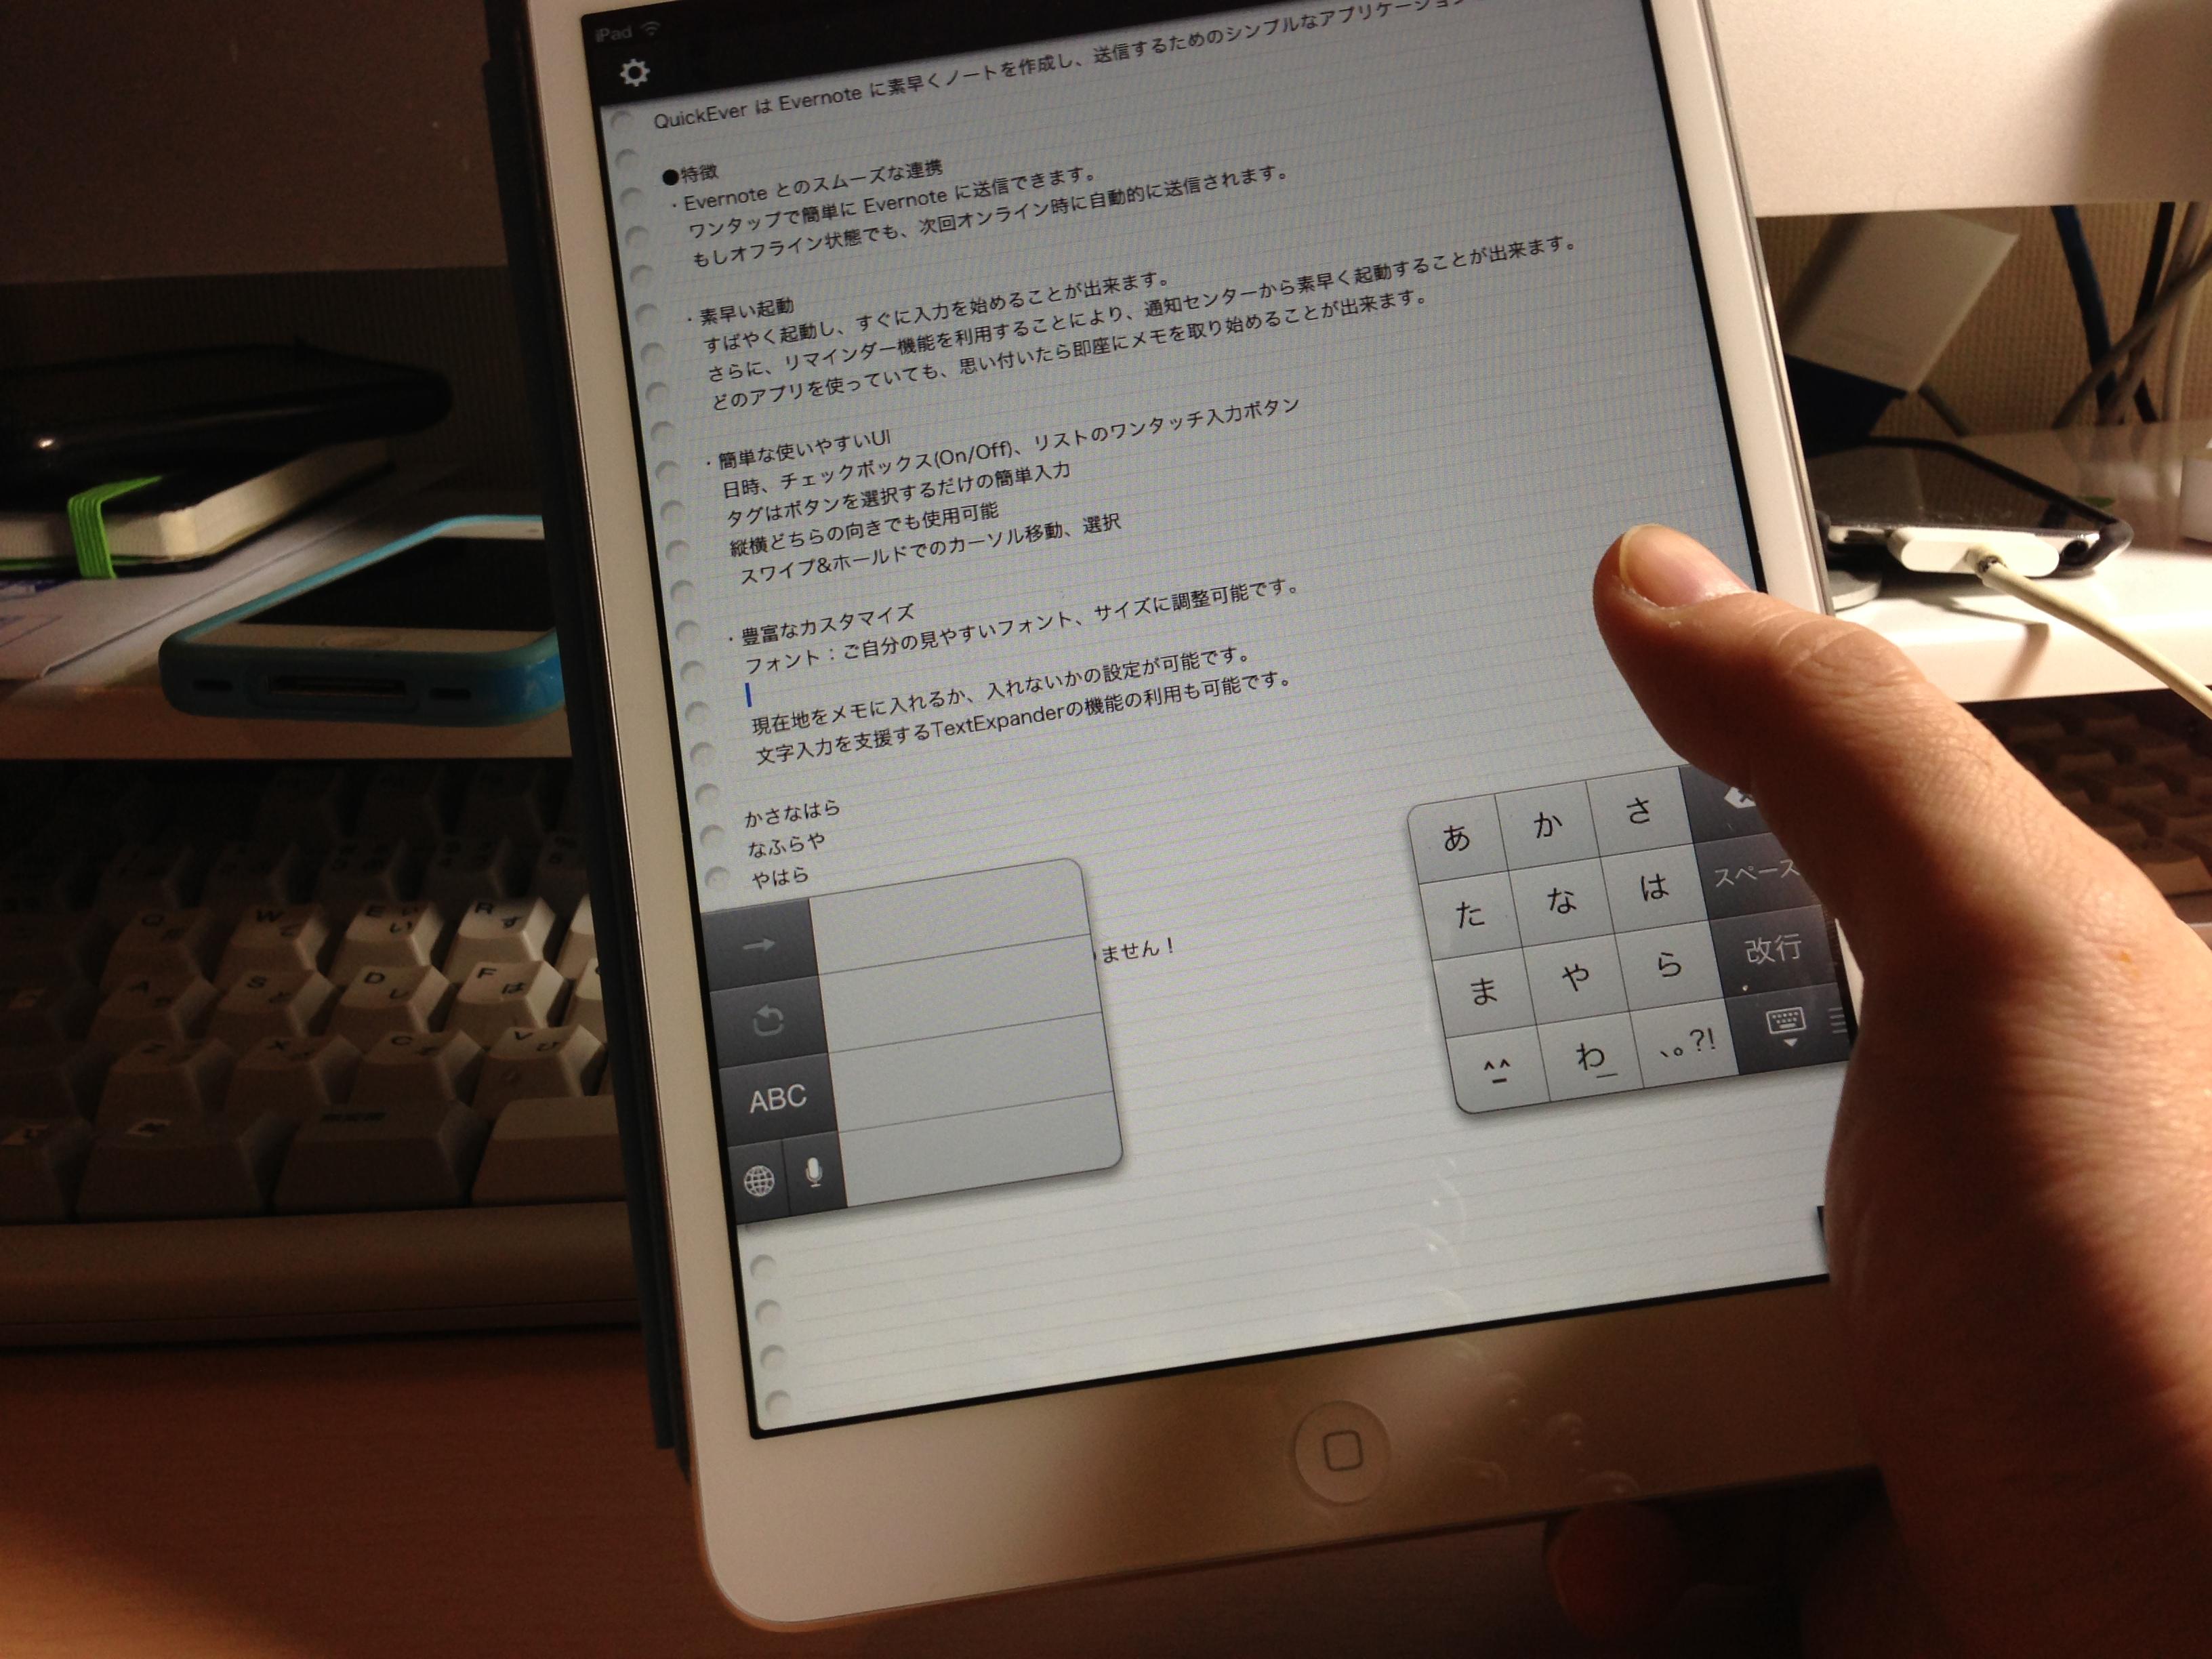 iPad miniでEvernoteにメモを書くならQuickEver!カーソル移動がらくらくです